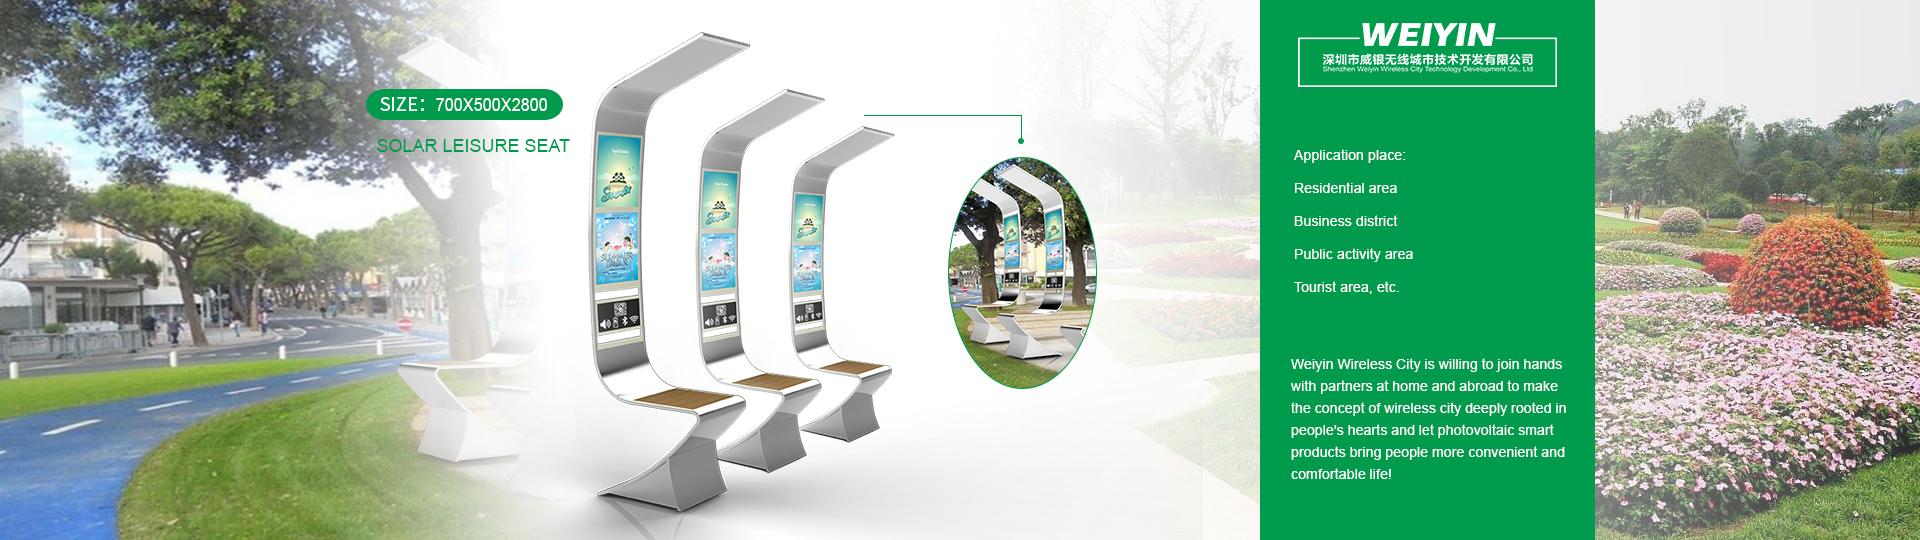 Solar public leisure chair